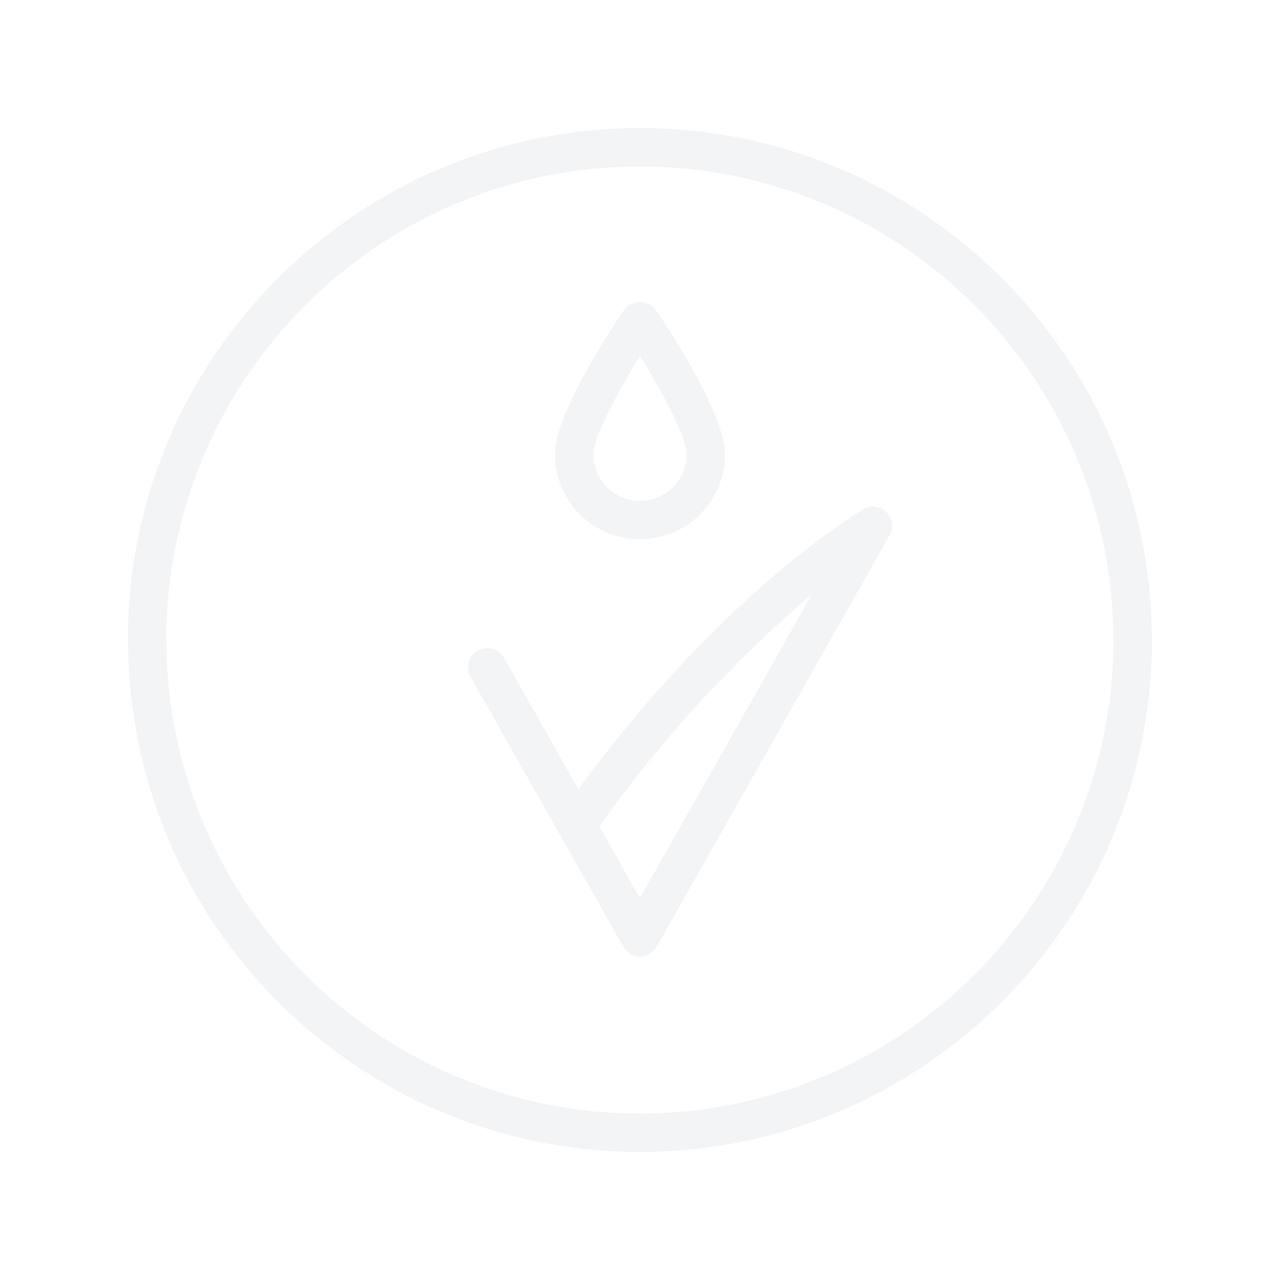 BATISTE Cocoa & Cashmere 2in1 Dry Shampoo 200ml